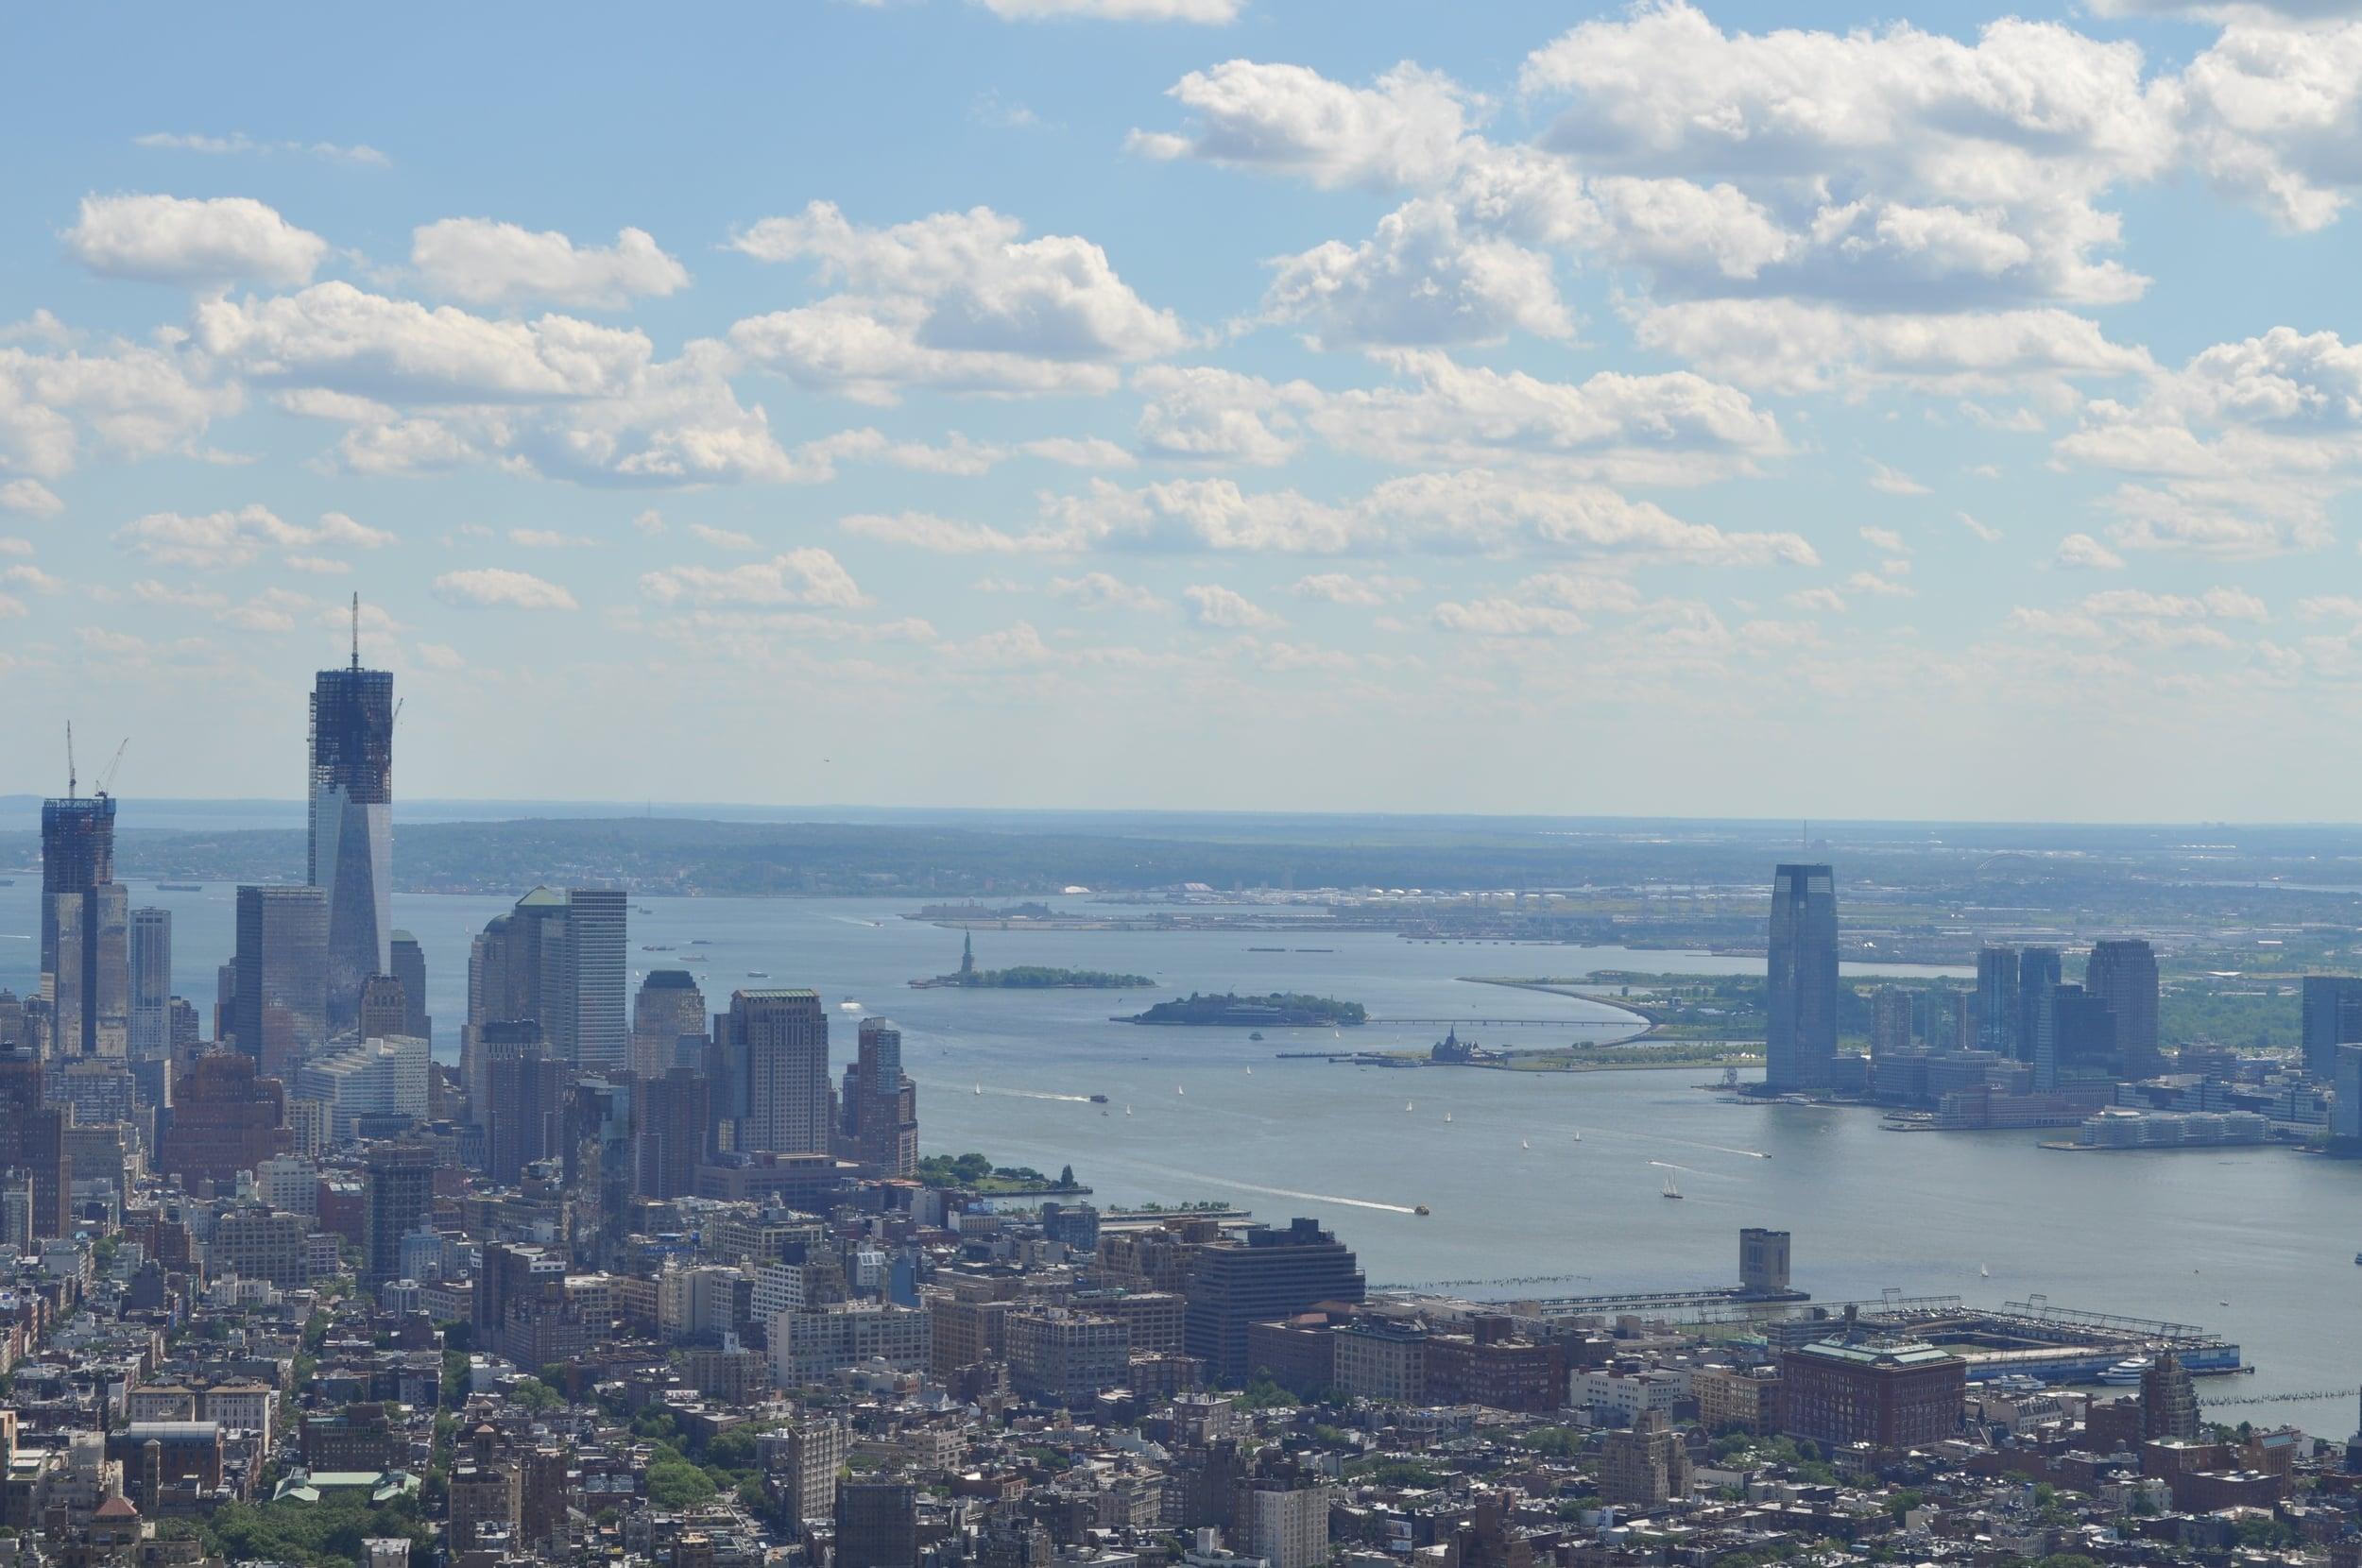 Vista desde el Empire State Building. Foto: Pamy Rojas